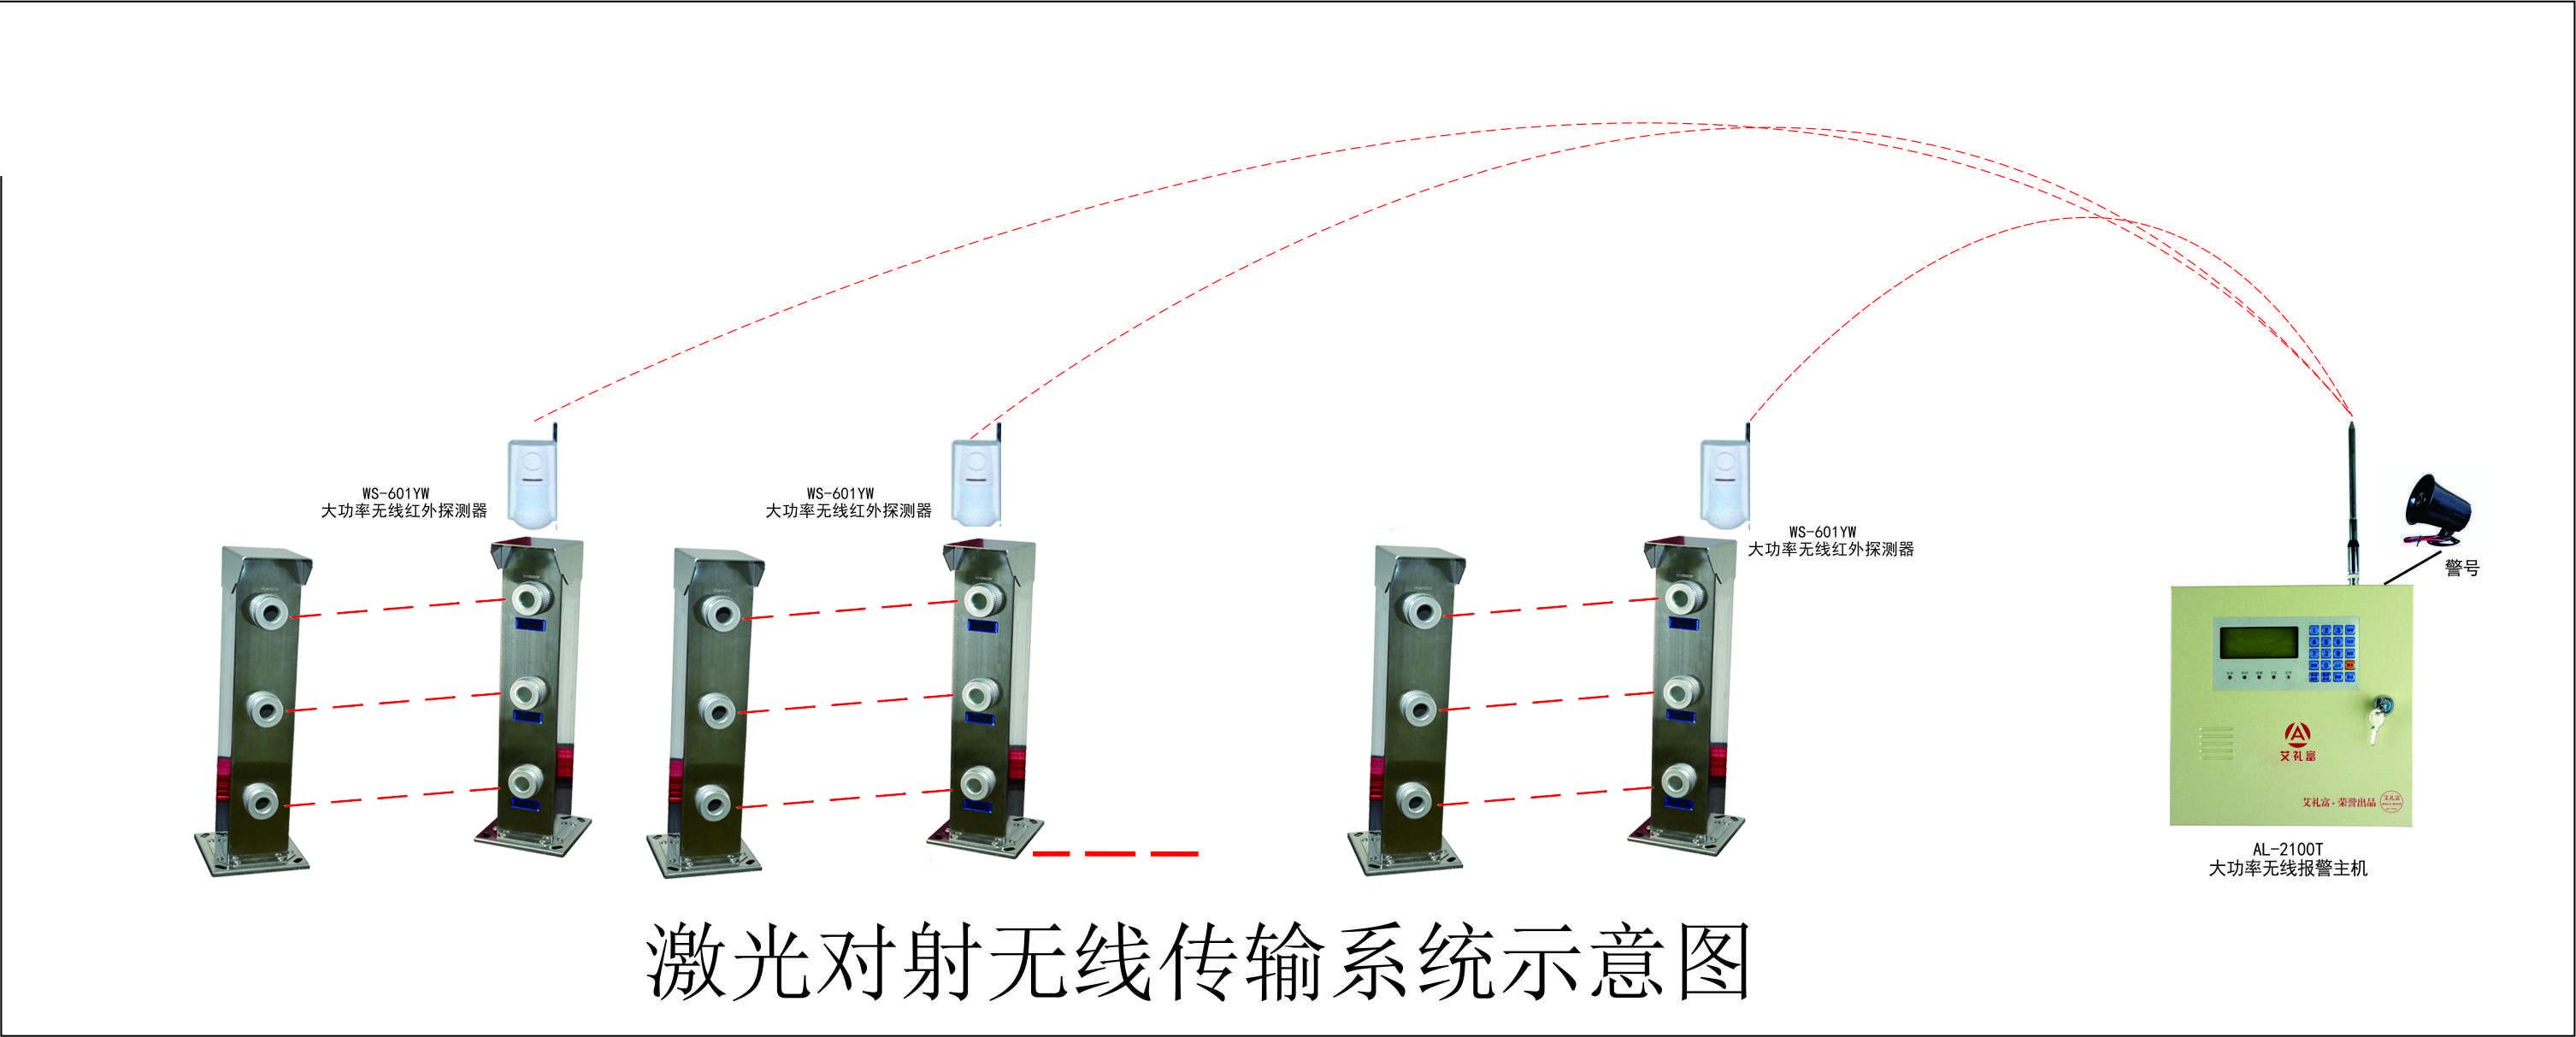 激光对射和大功率无线传输图